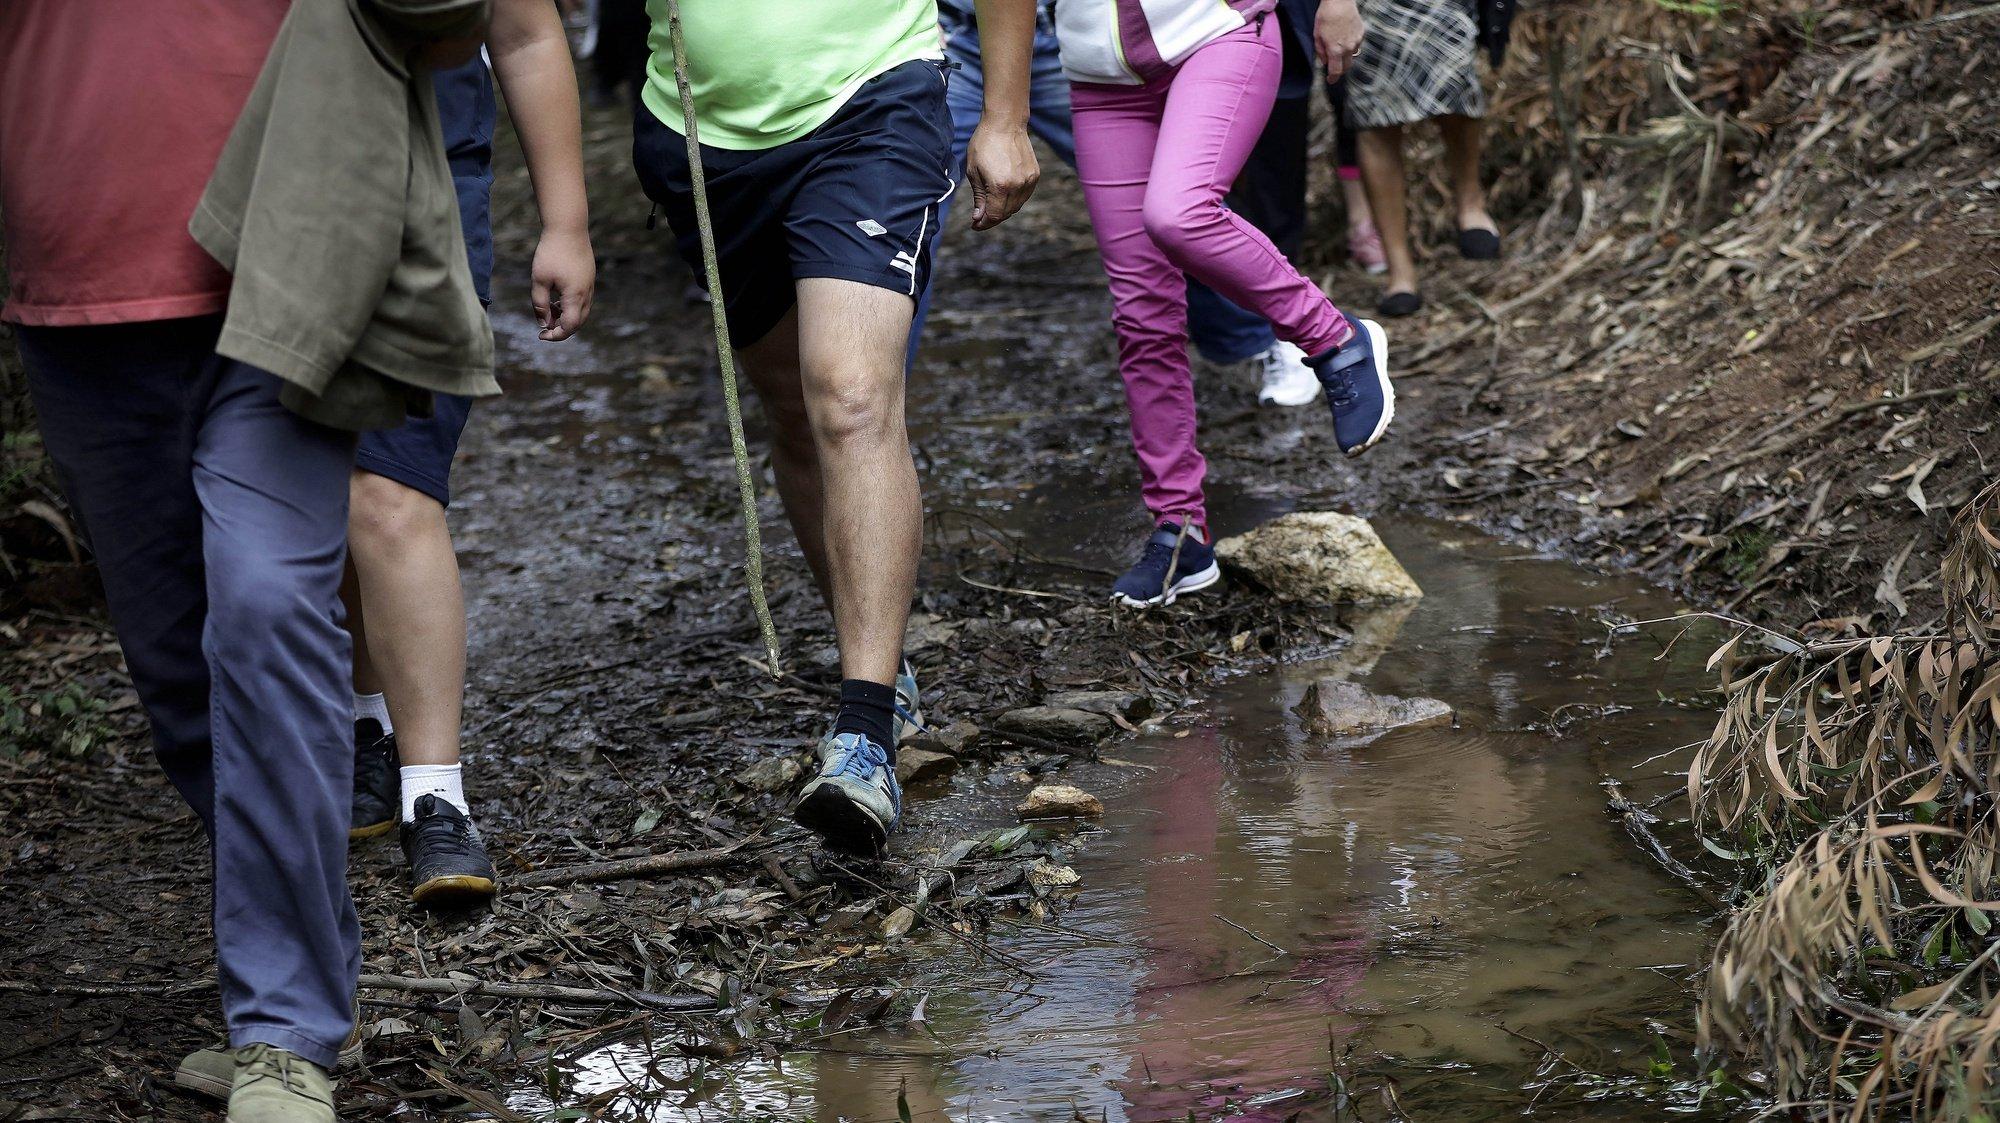 População durante a caminhada contra a instalação do aterro sanitário em Covelas, promovida pelo movimento criado no seio daquela freguesia da Trofa, 14 de junho 2020, MANUEL FERNANDO ARAÚJO/LUSA